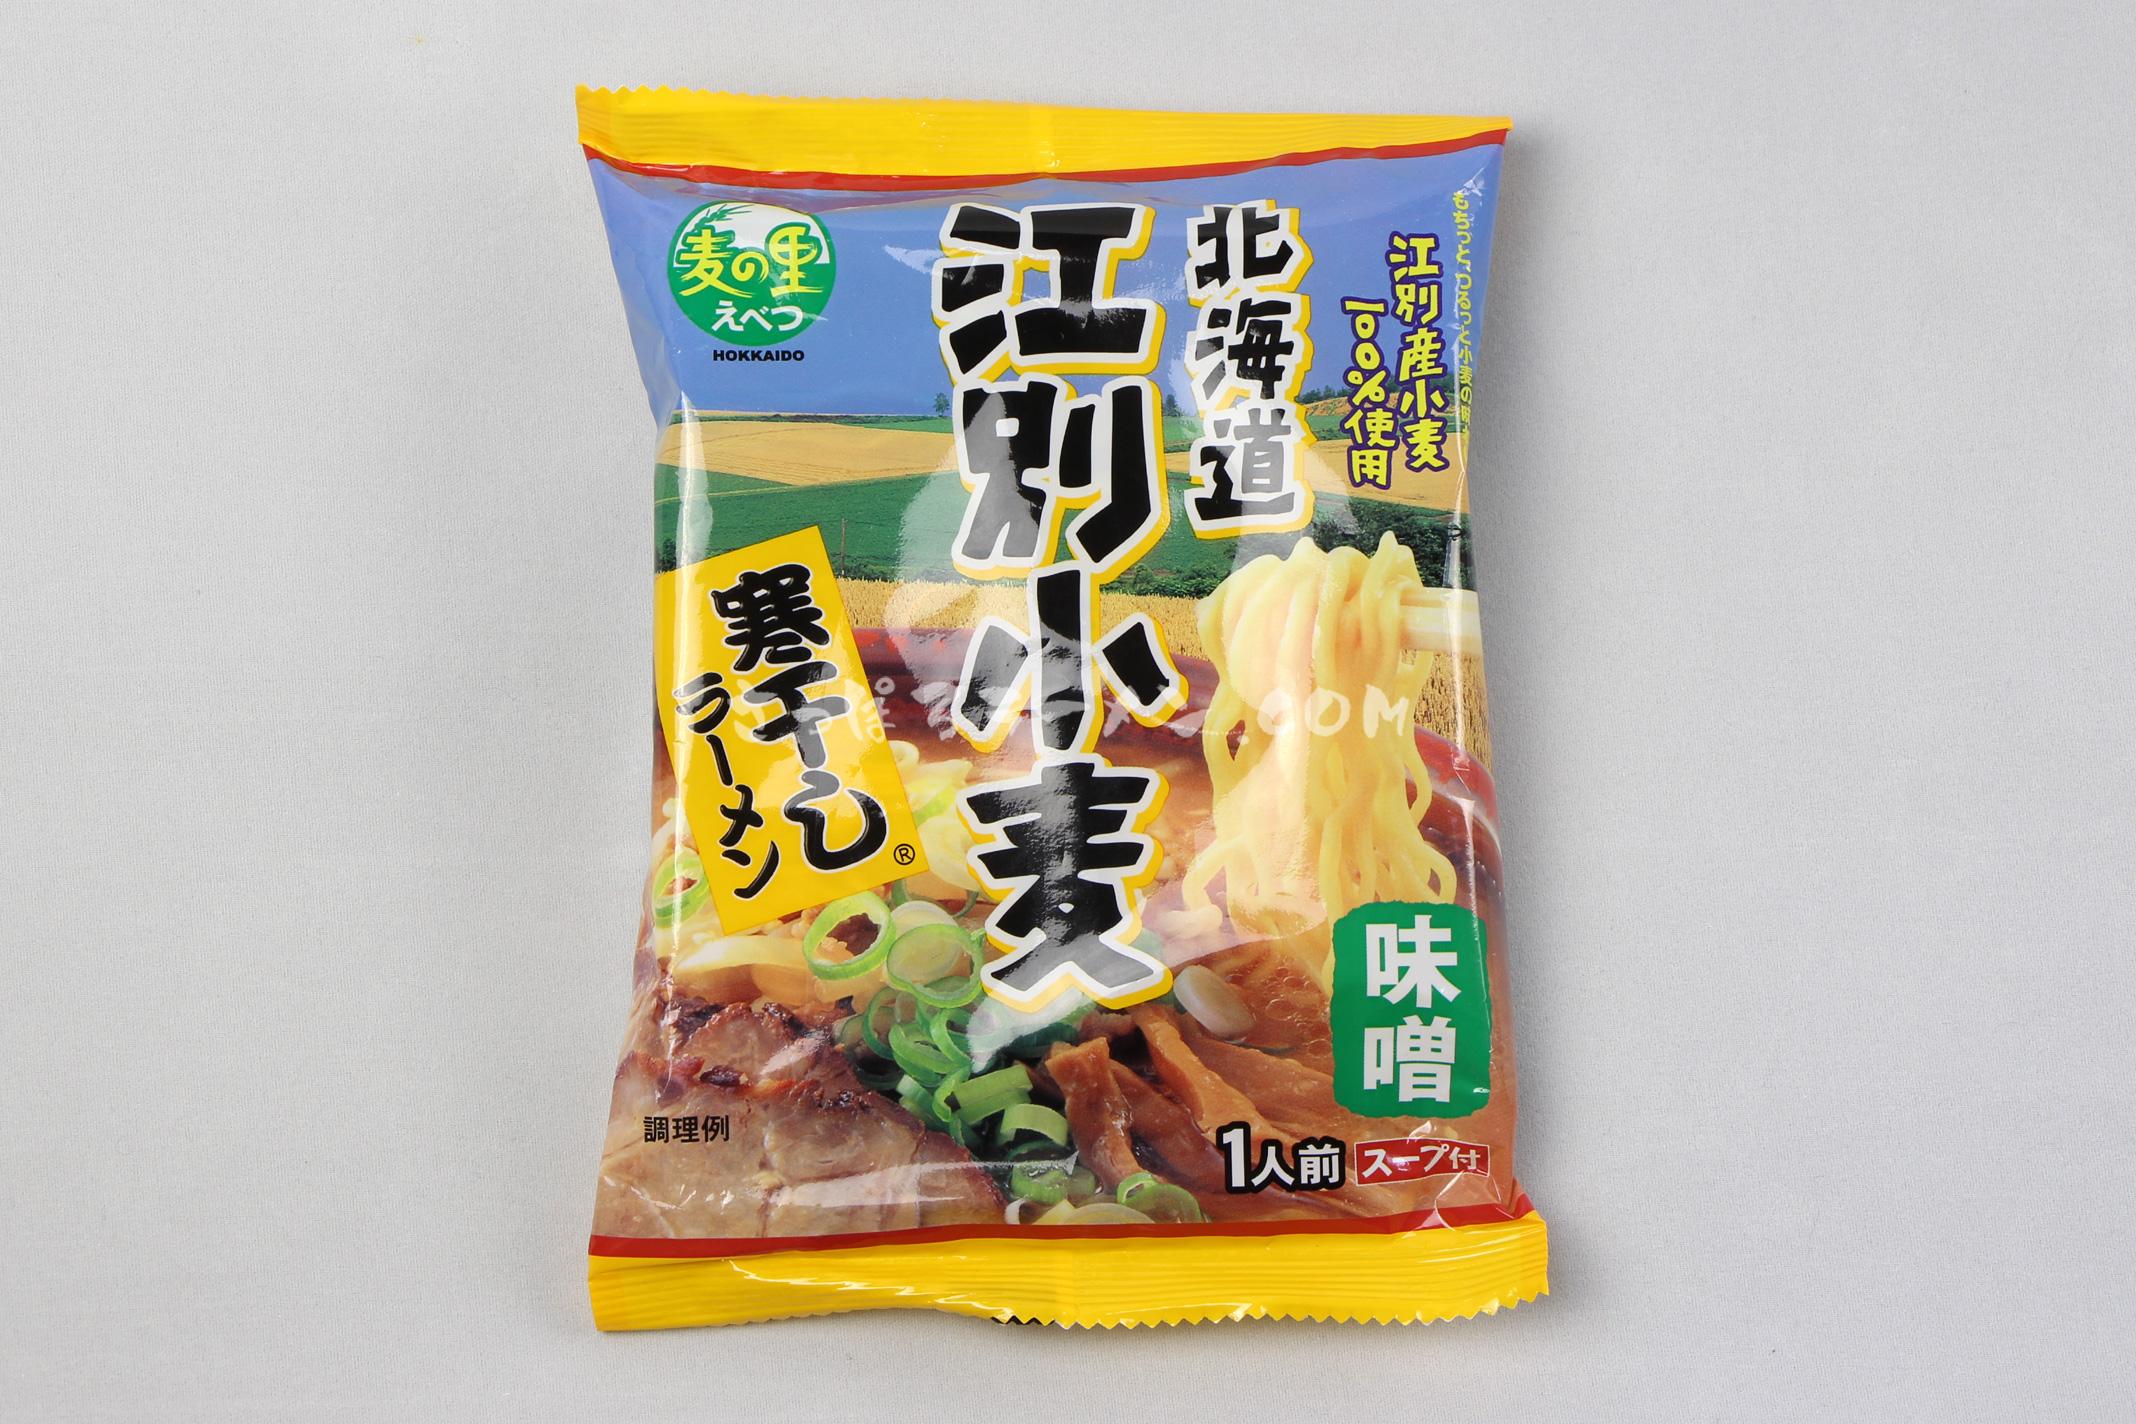 「江別小麦 寒干し 味噌味(1人前)」(菊水)のパッケージ(表)